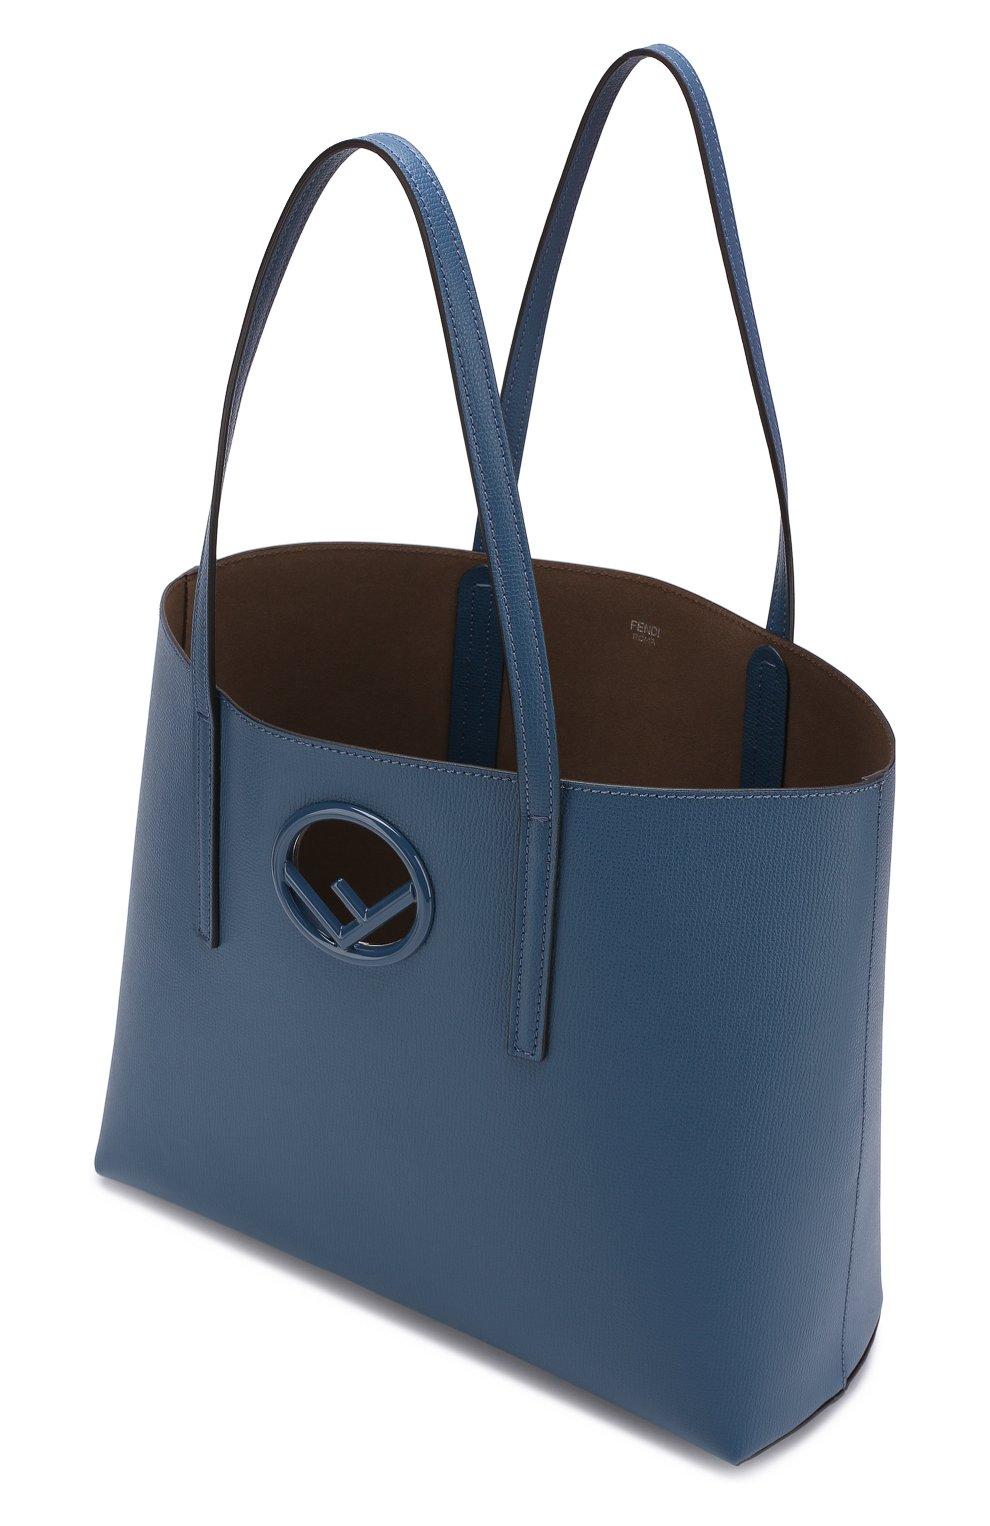 28c1ac628ba8 Женская сумка-шоппер kan i FENDI синяя цвета — купить за 81900 руб ...